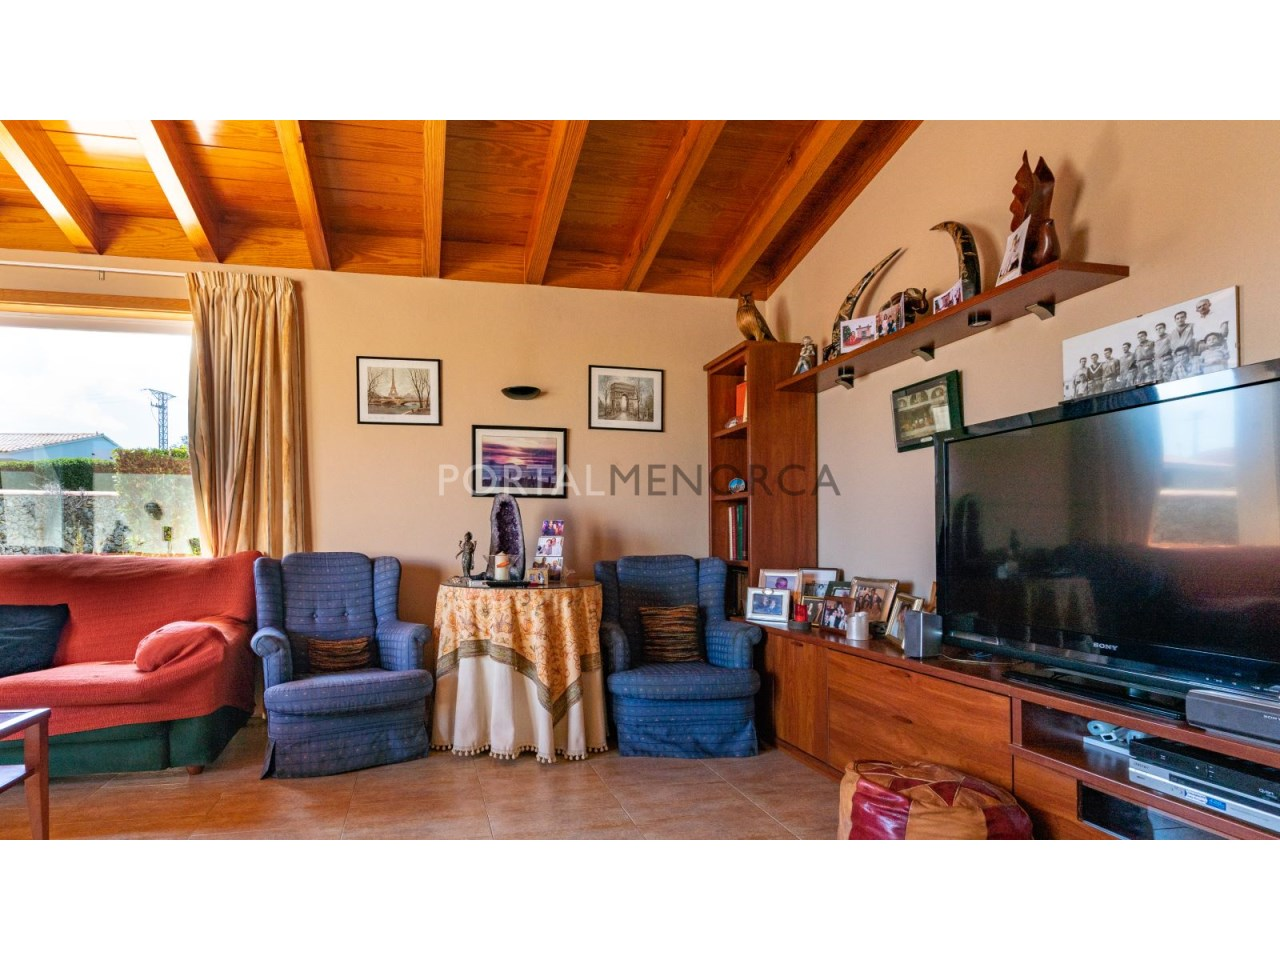 maison-vendre-menorca-minorque (4)